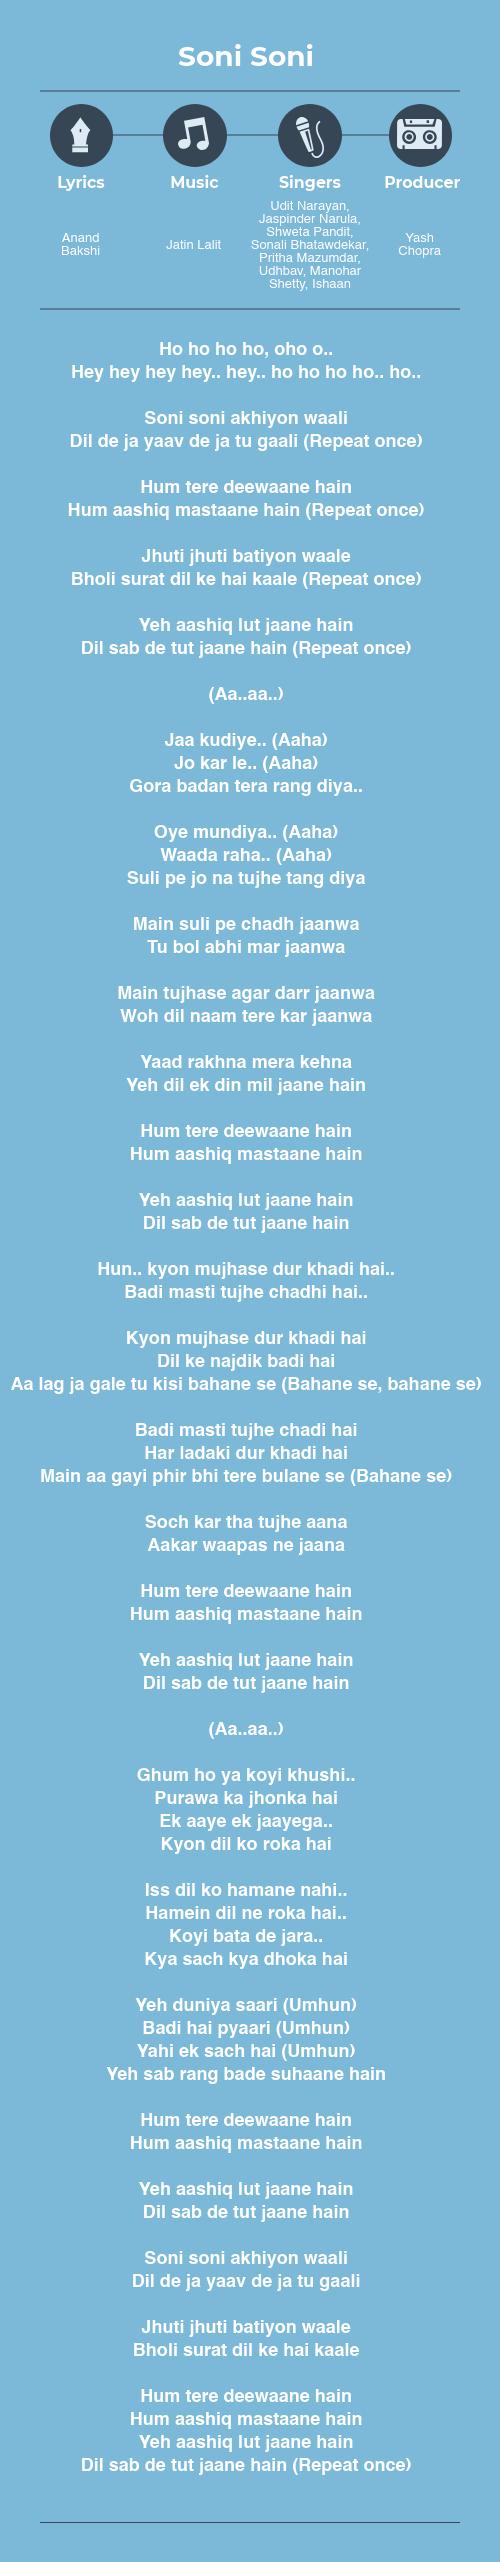 Soni Soni lyrics